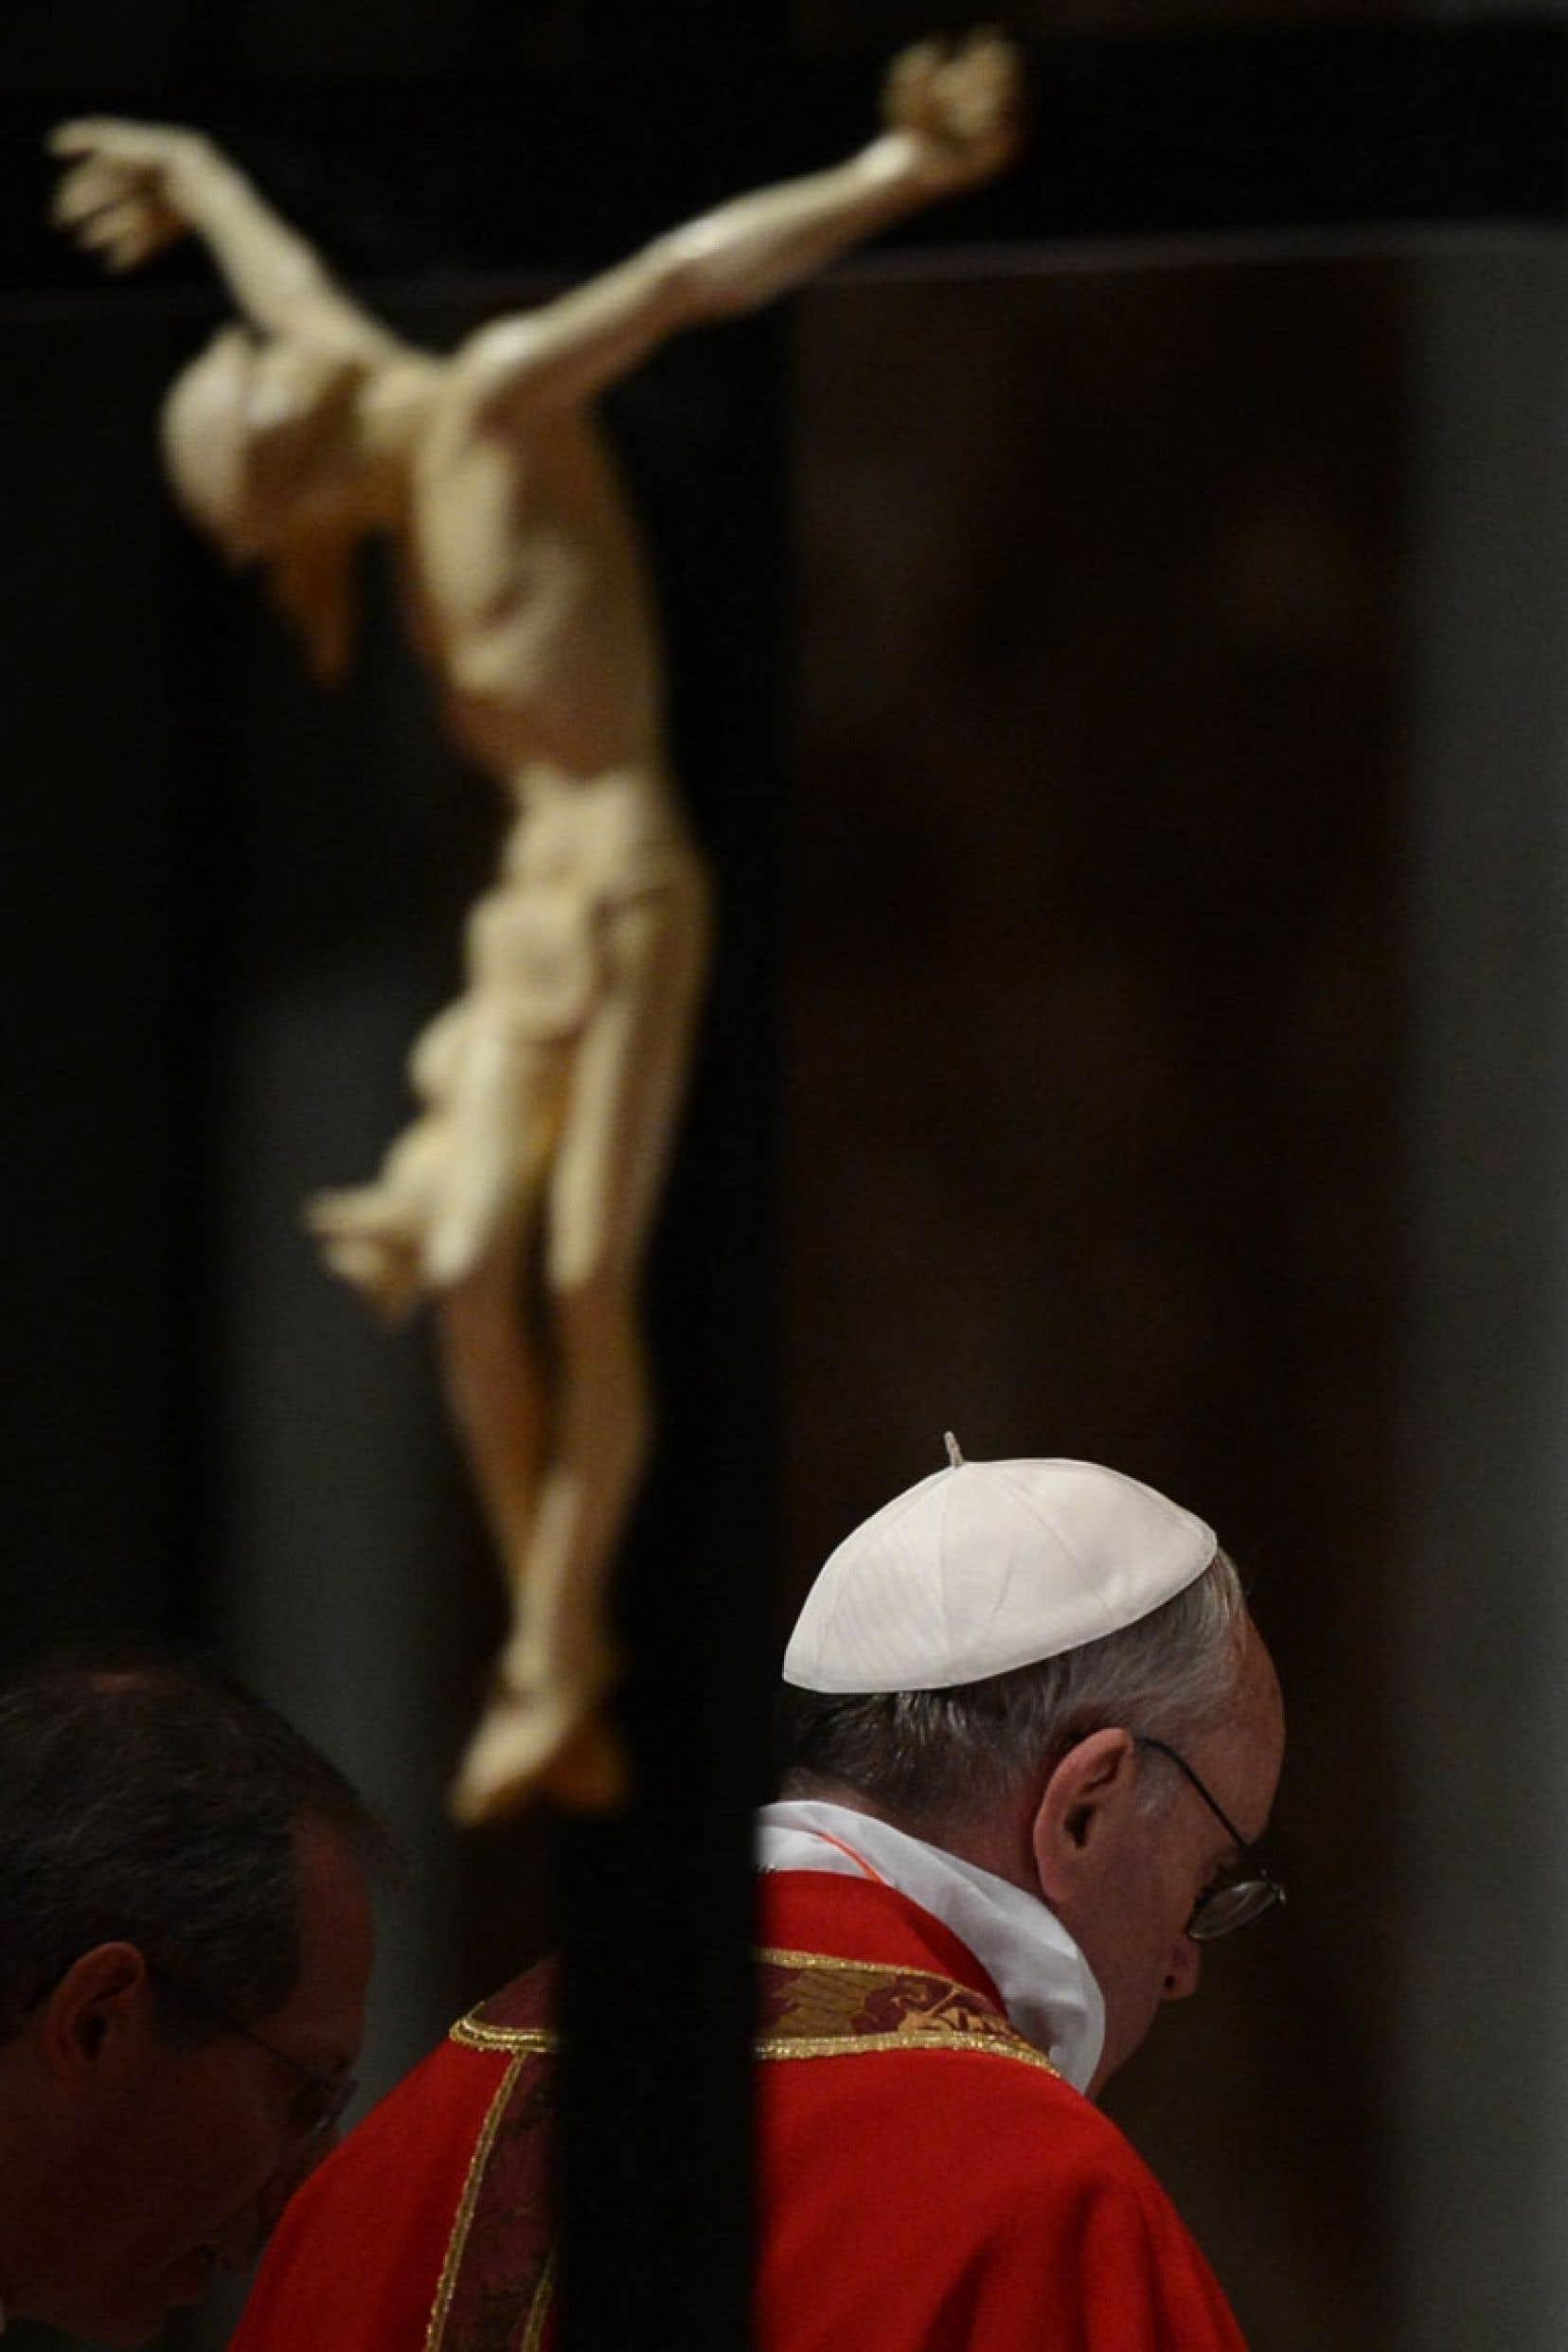 Le pape François a promis par le passé d'agir avec détermination contre les sévices sexuelles commis par des membres du clergé.